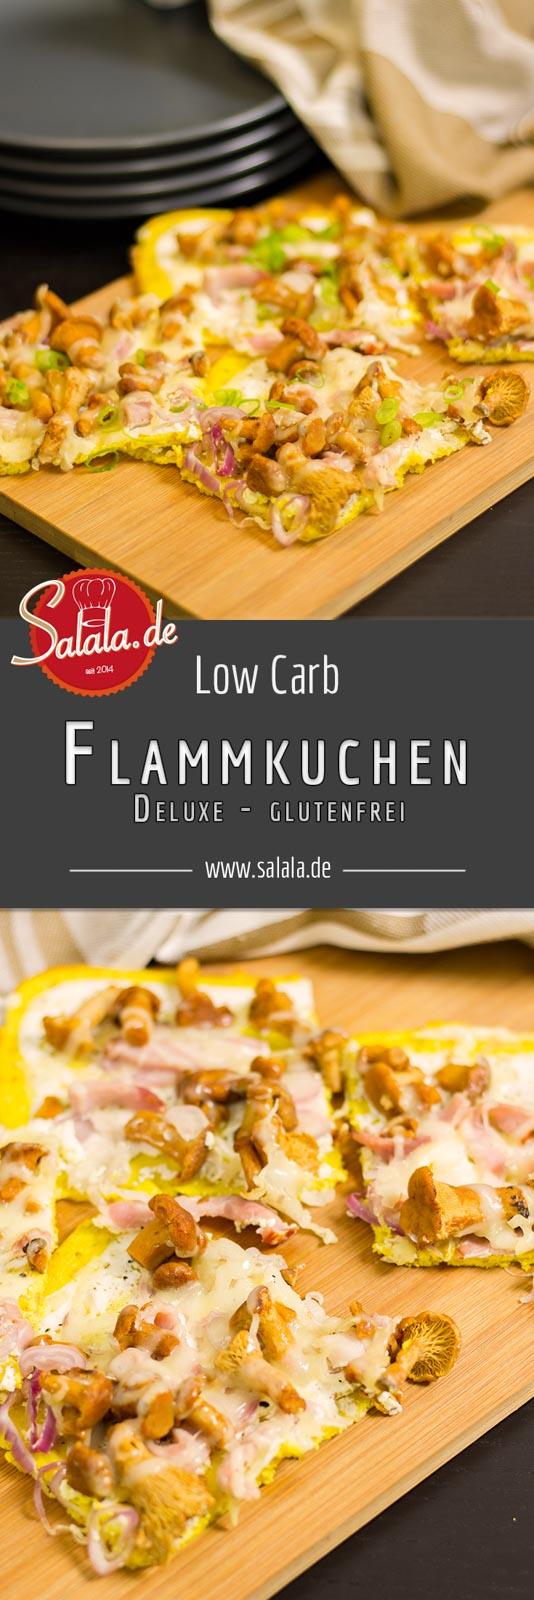 Flammkuchen Deluxe Rezepte - by salala.de - mit Pfifferlingen und Bergkäse Low Carb und glutenfrei